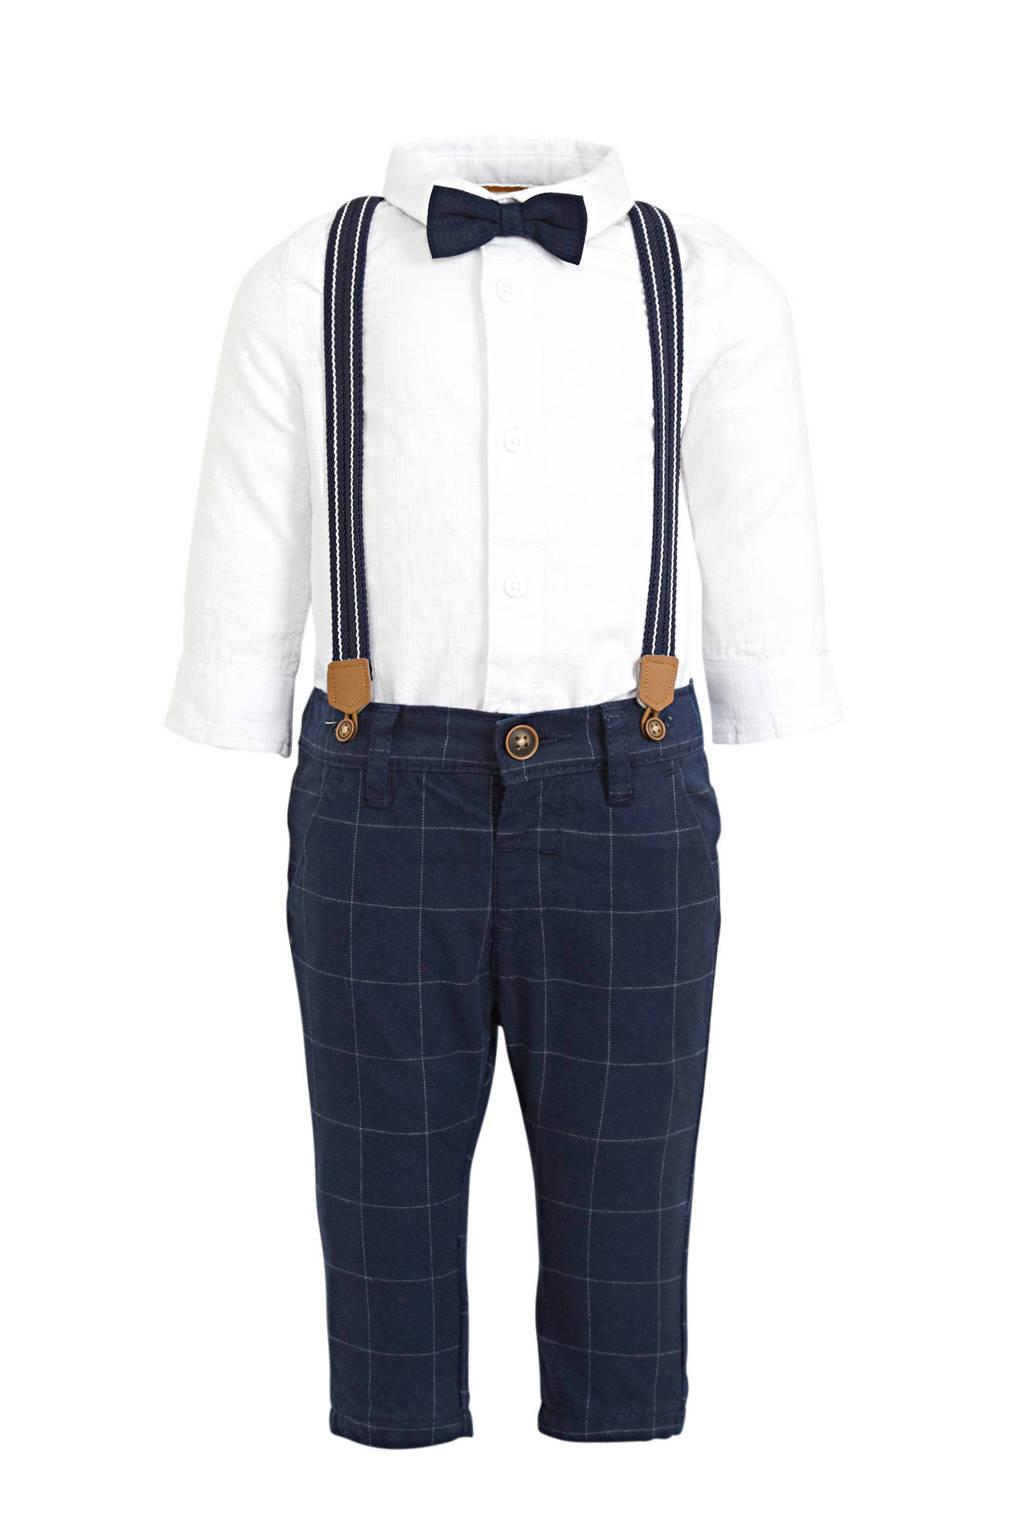 C&A Baby Club baby overhemd met broek + bretels + strik, Donkerblauw/wit